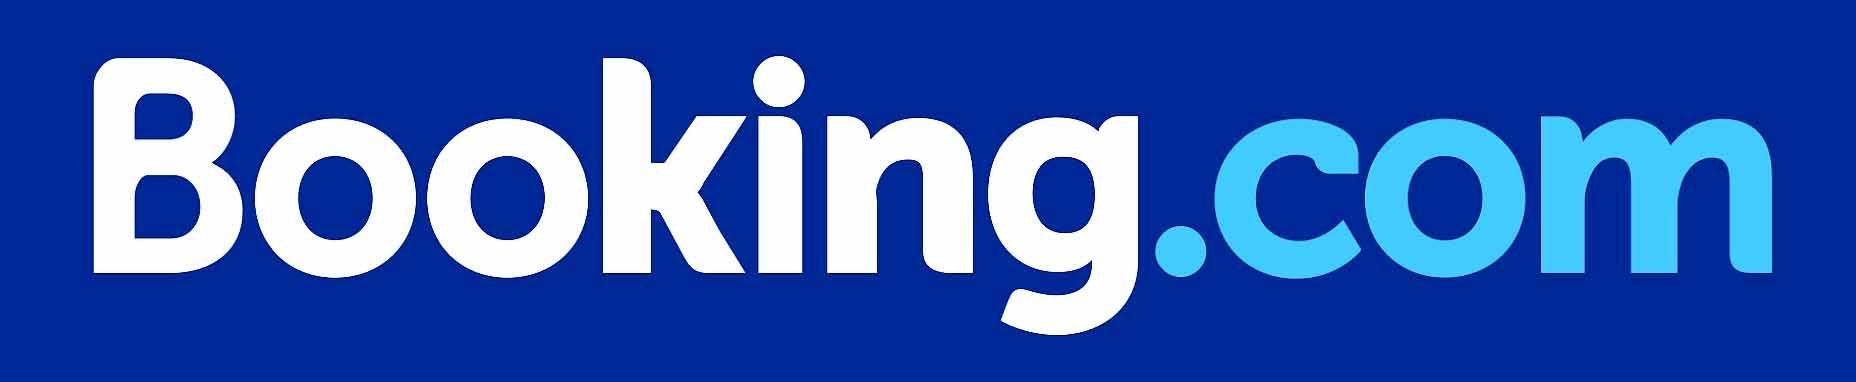 Booking.com – Specials